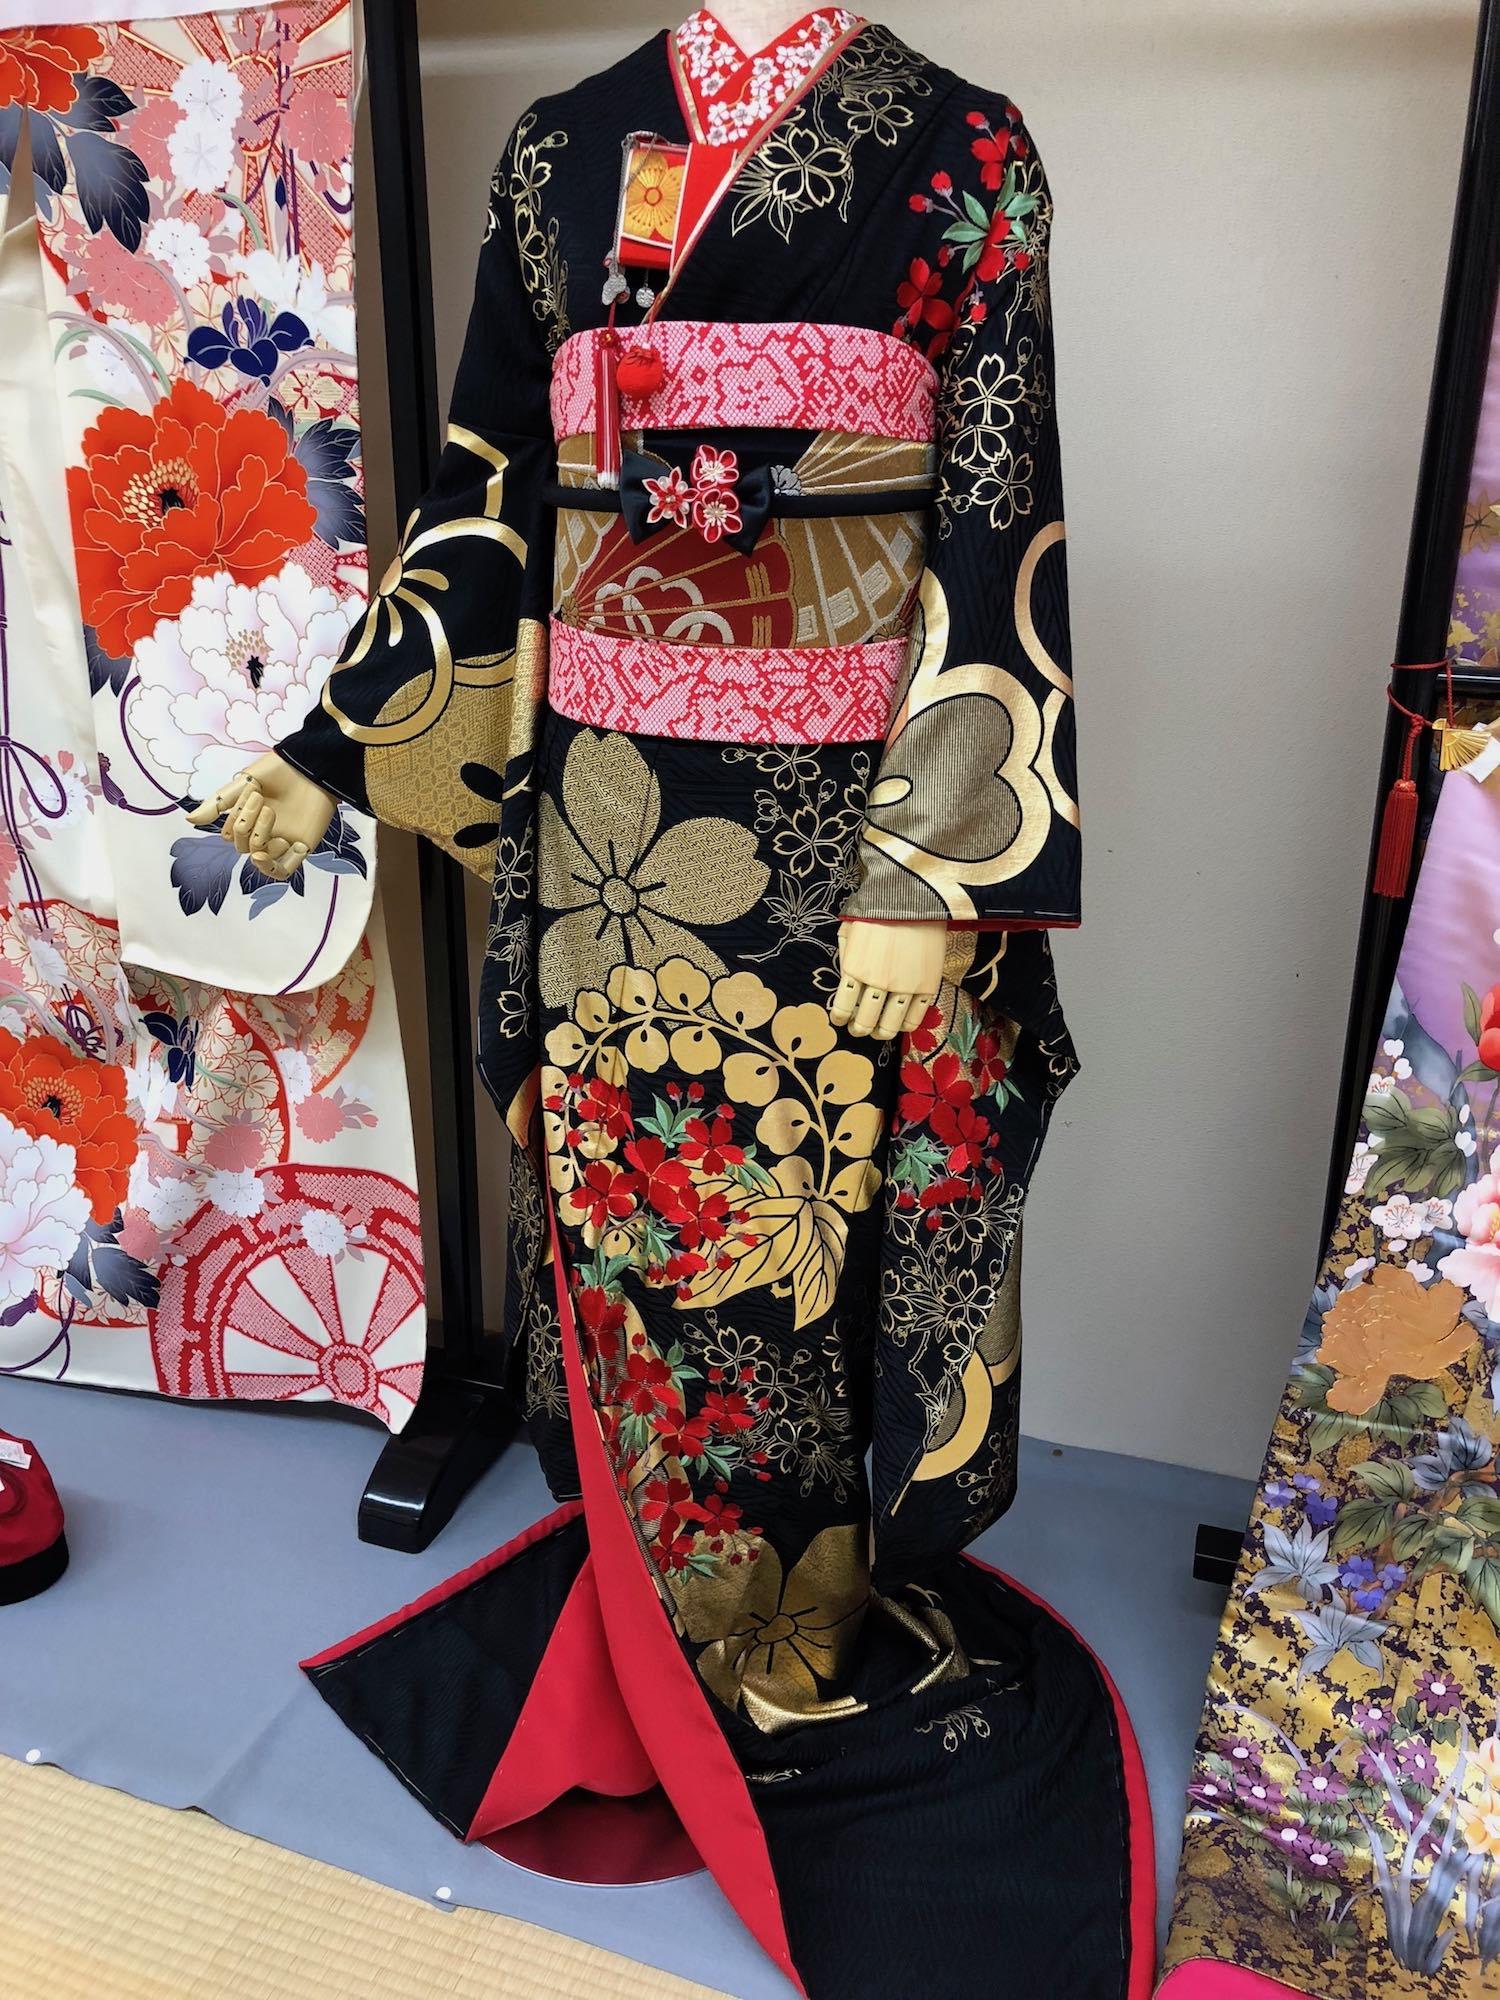 Formal traditional kimono found in kimono shop in Kyoto, Japan. boldlygotravel.com